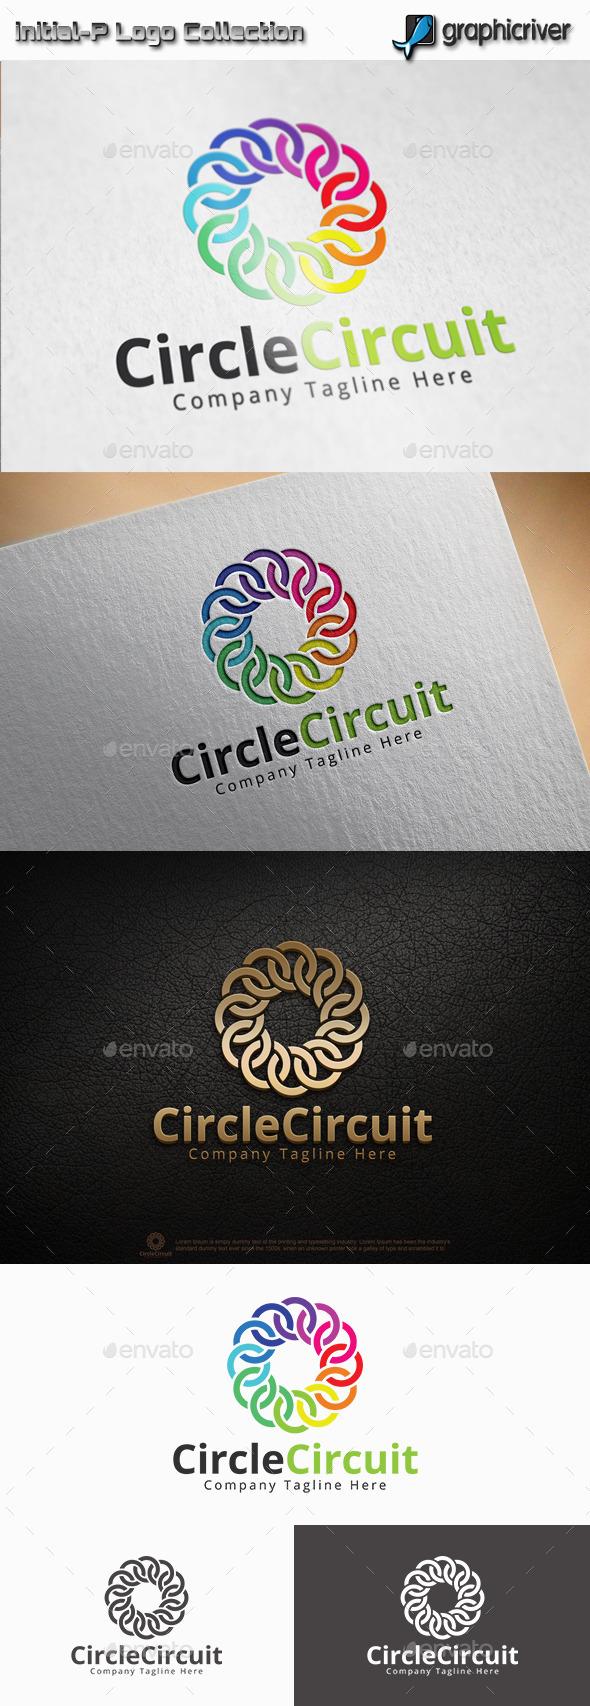 GraphicRiver Circle CircuitLogo 11358841